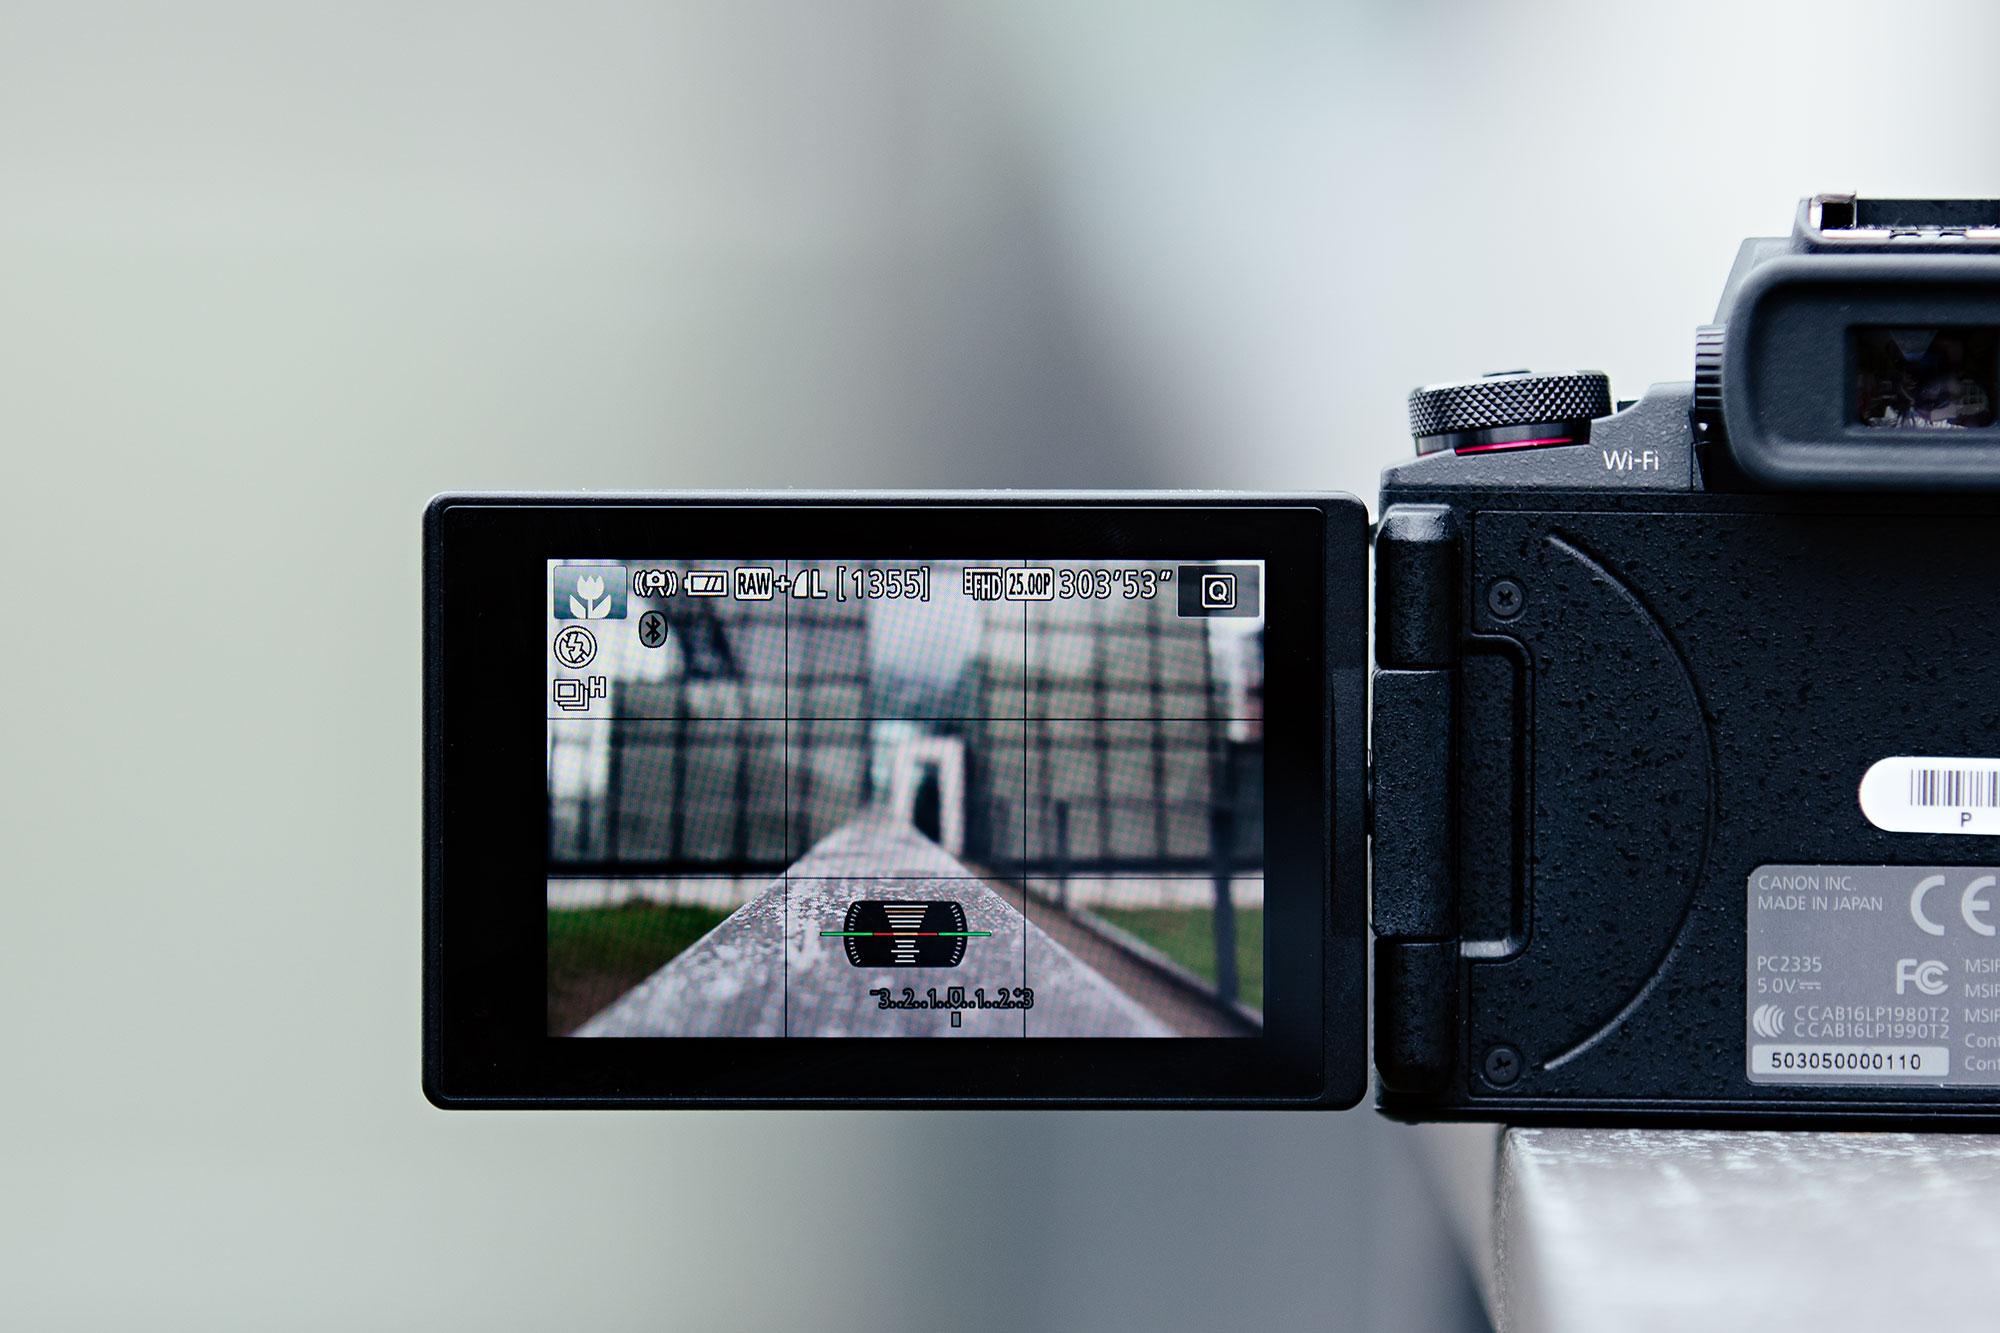 Als Flaggschiff der G-Reihe adressiert die PowerShot G1 X Mark III anspruchsvolle Fotografen, die Mobilität und höchste Bildqualität verbunden sehen möchten.